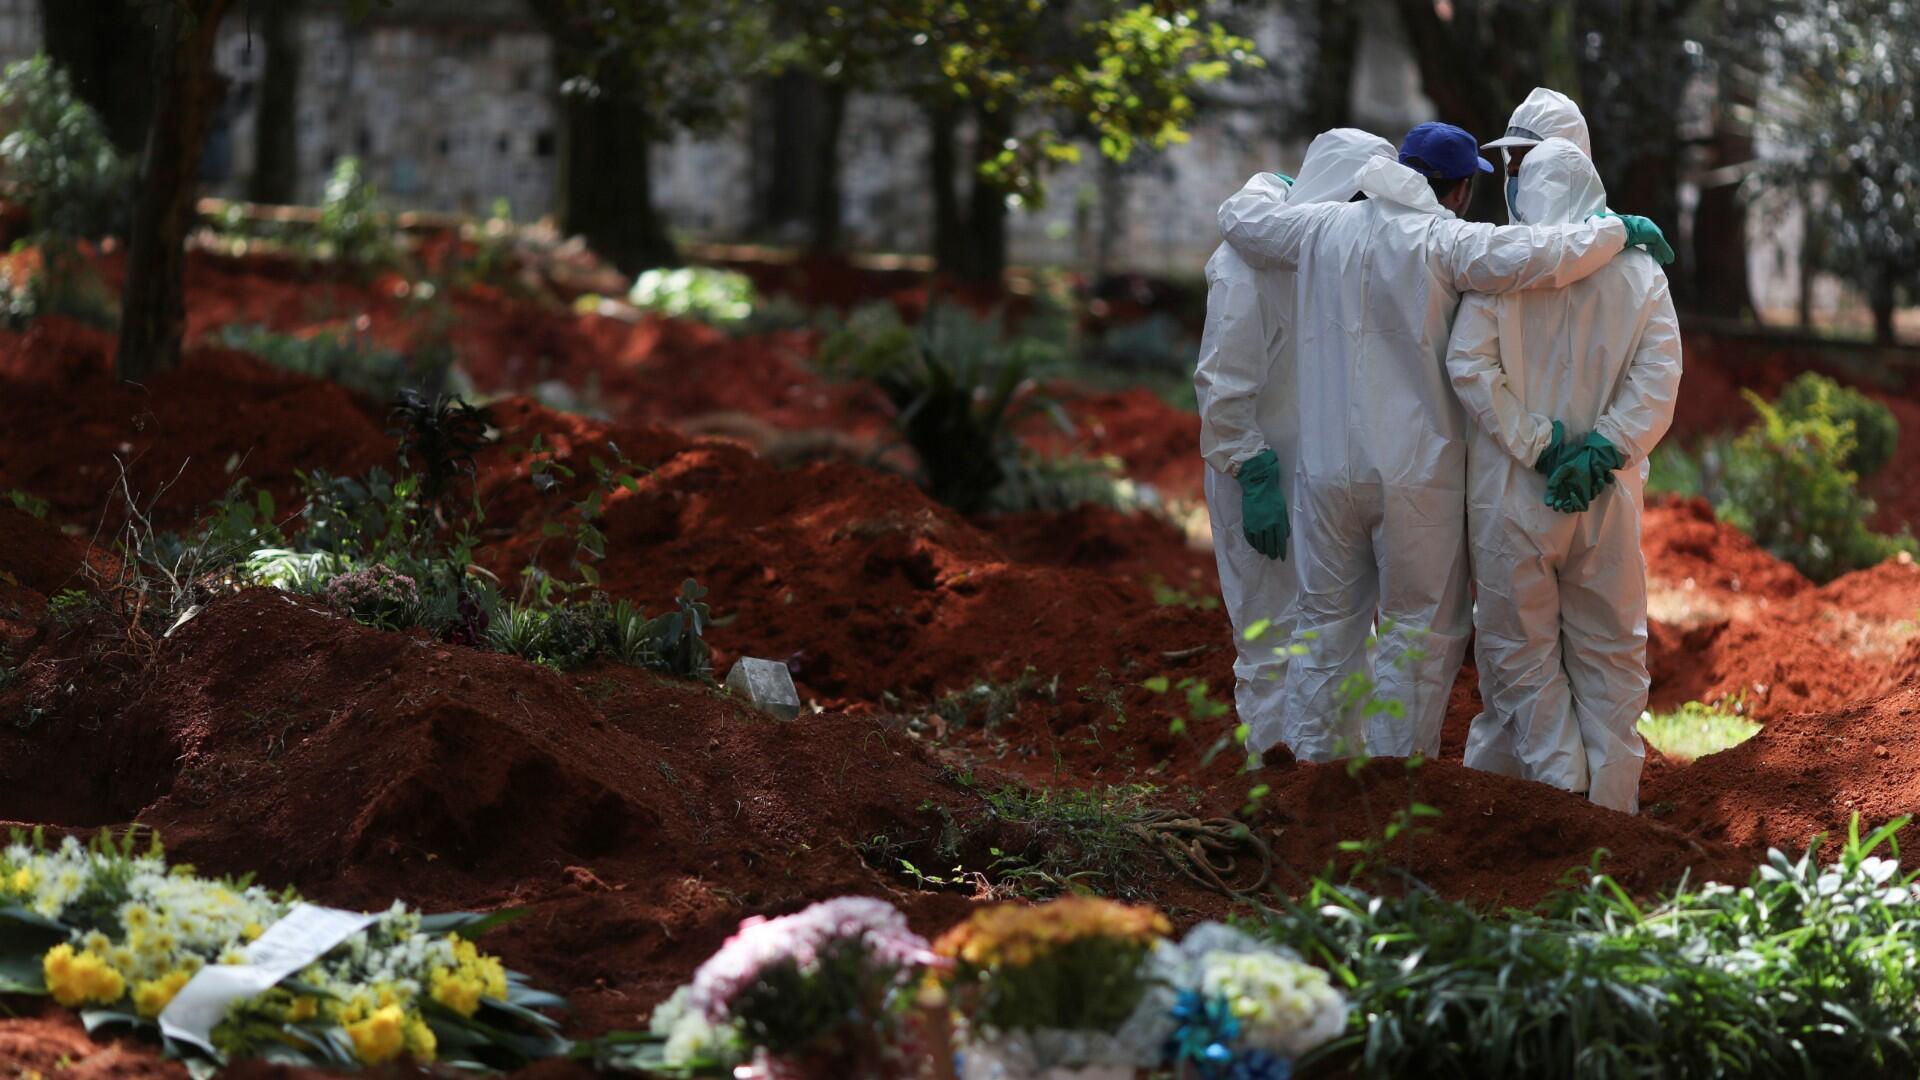 Sepultureros con trajes protectores se reúnen en el cementerio de Vila Formosa, el cementerio más grande de Brasil, durante el brote de la enfermedad por coronavirus (COVID-19), en Sao Paulo